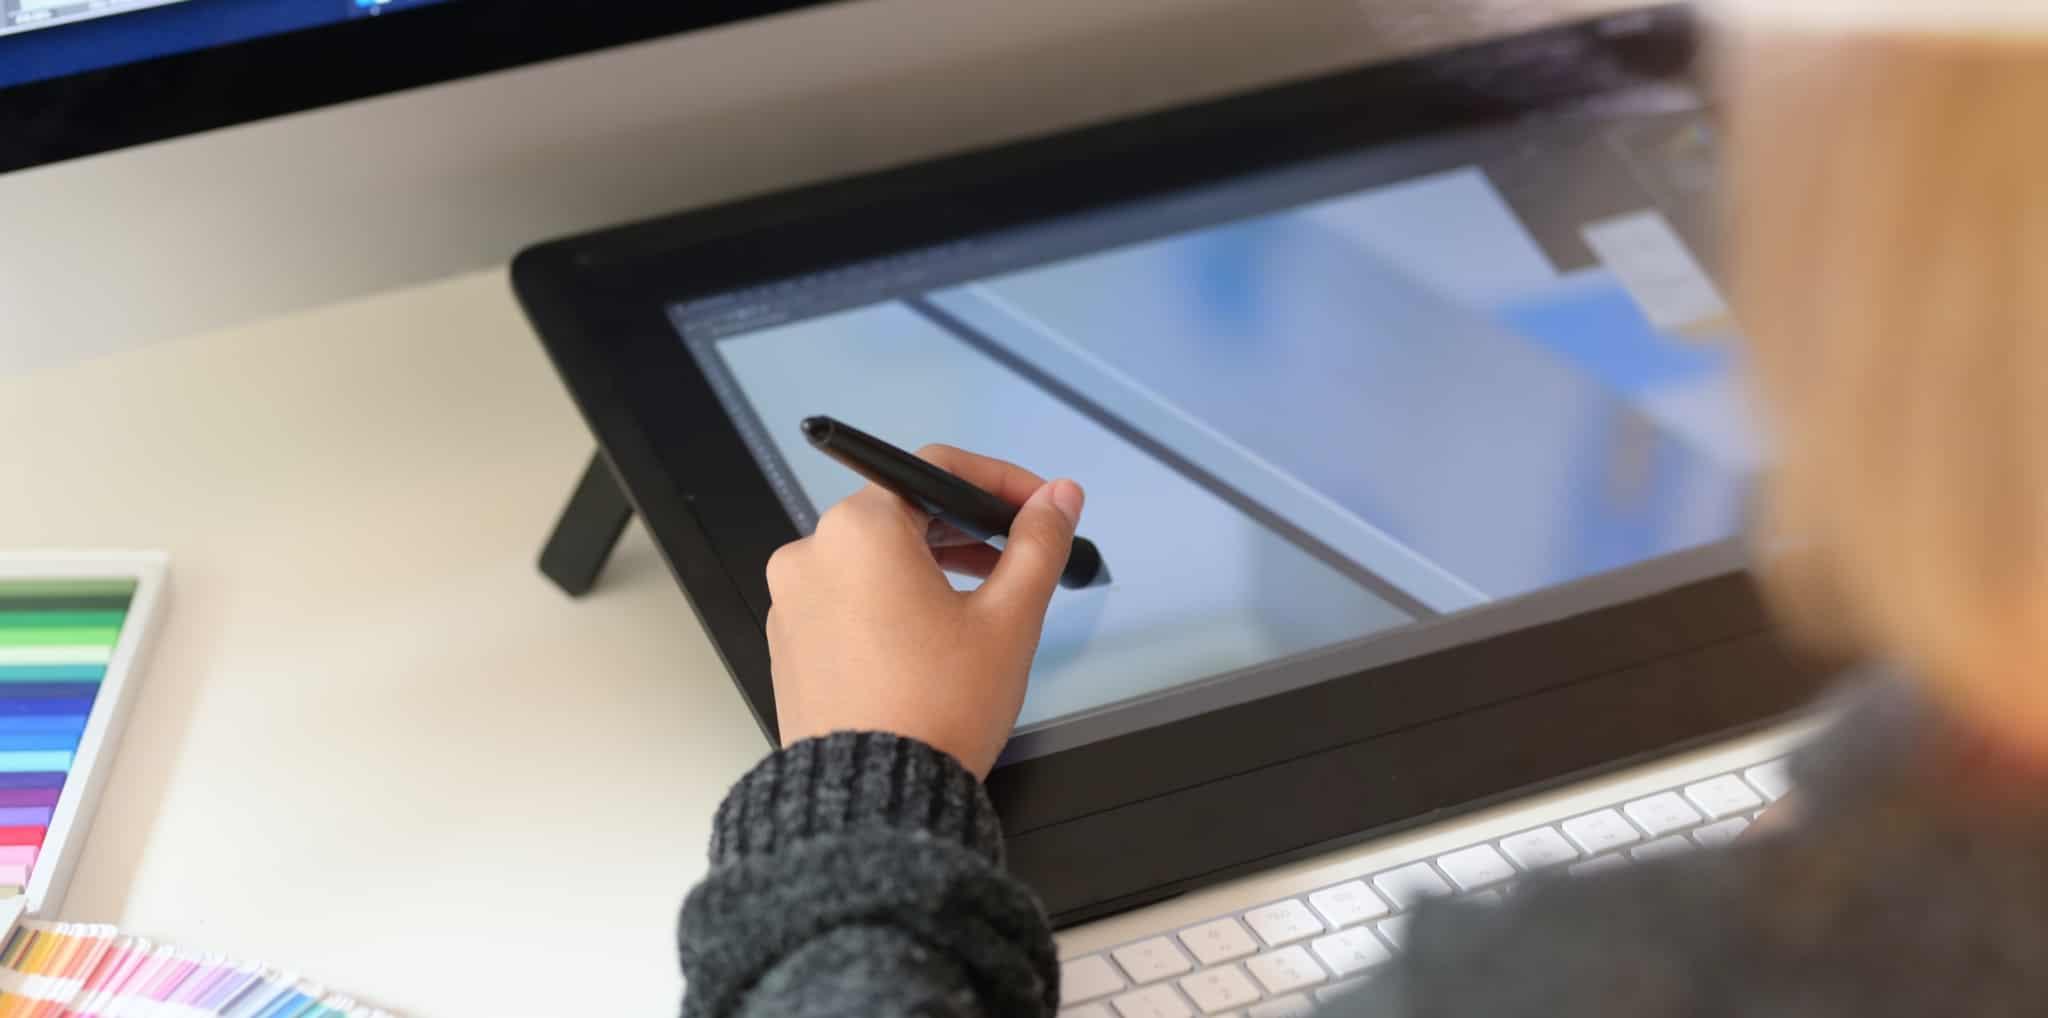 designer grafico a desenhar com caneta